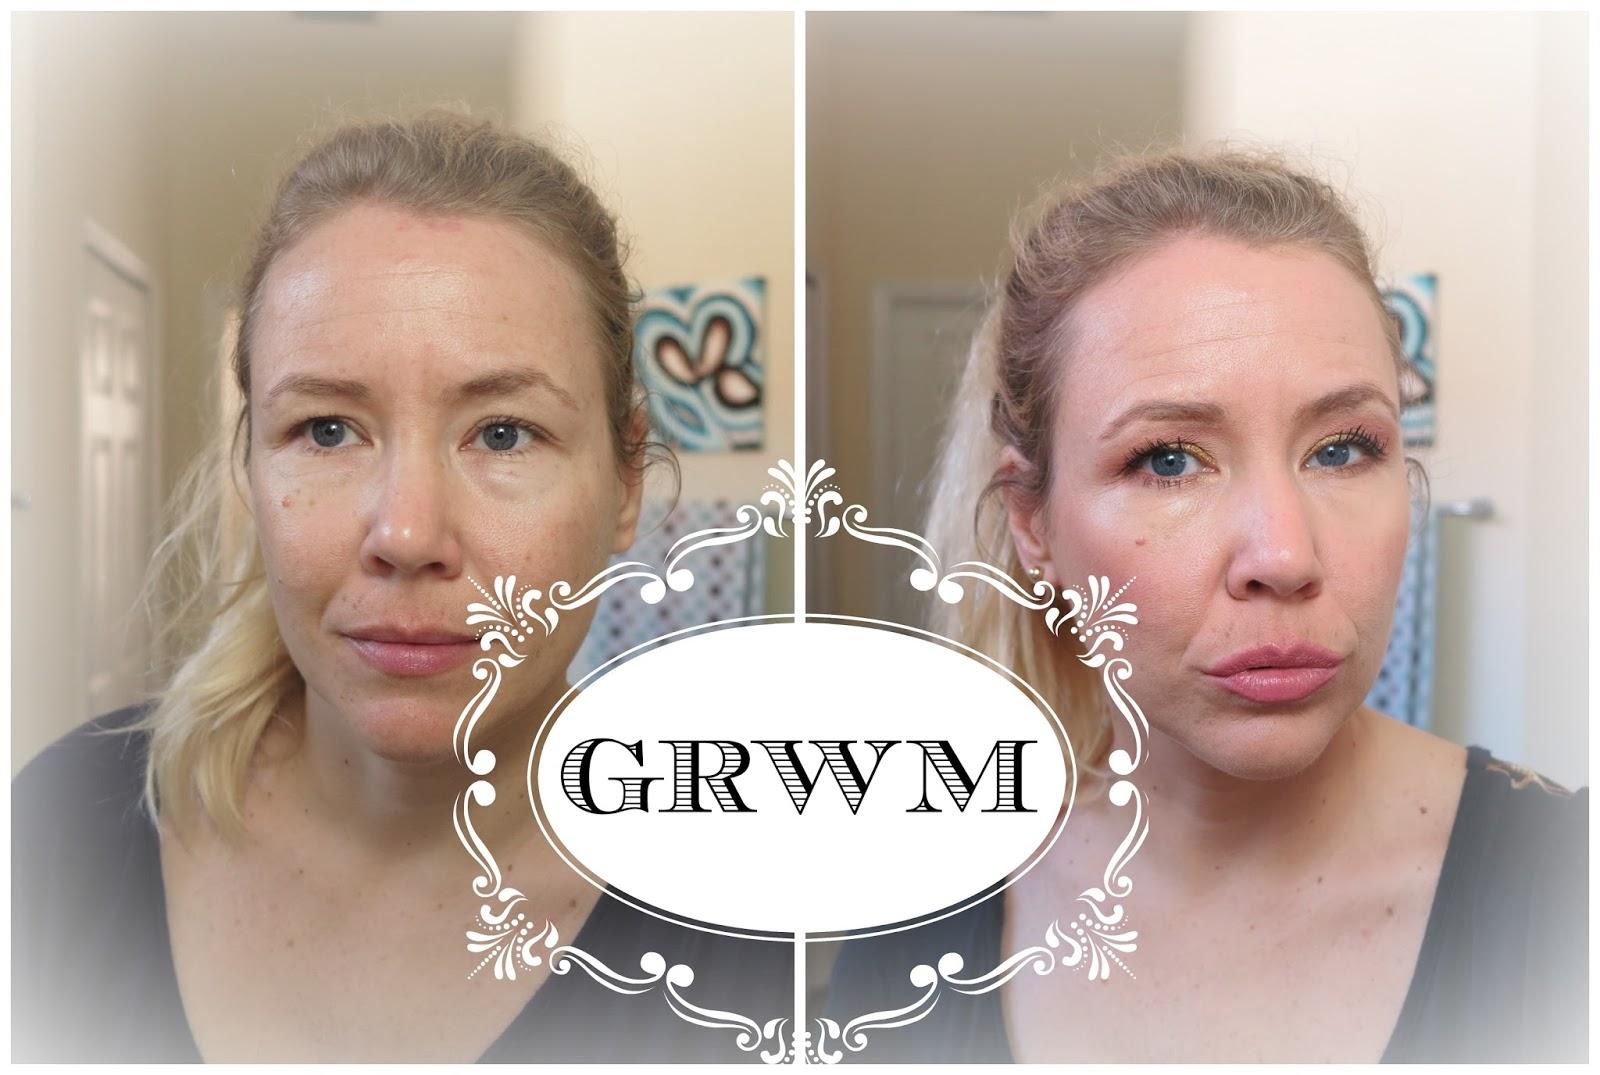 Too Faced Chocolate Bar Makeup Look Matroska) containing video data in a video. too faced chocolate bar makeup look